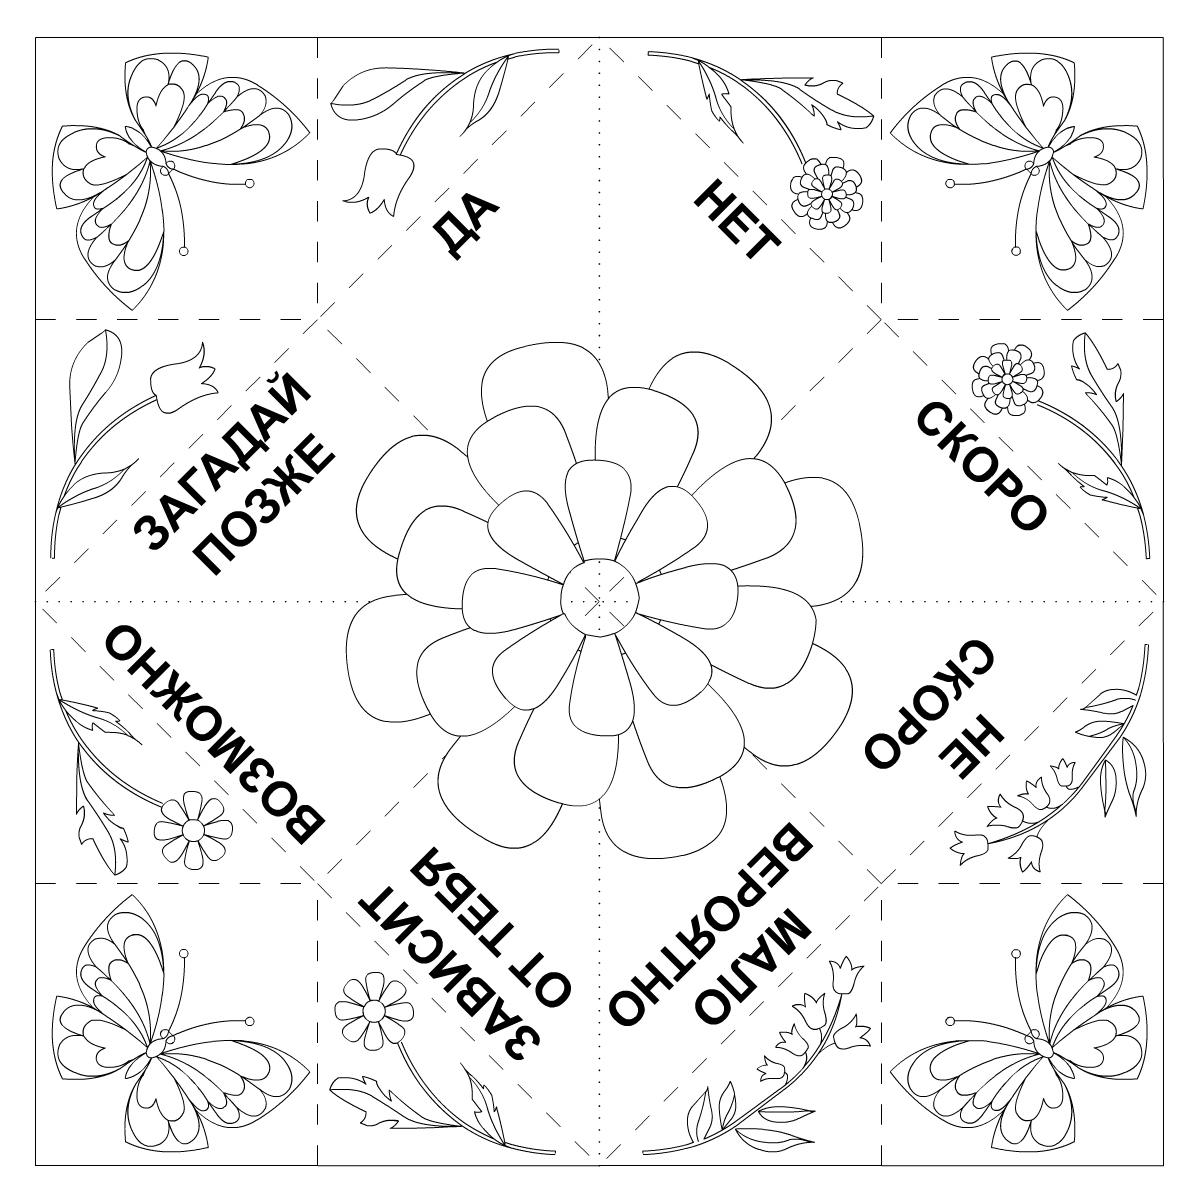 প্রস্তুত টেমপ্লেট ফুল কাগজ টেমপ্লেট (কালো এবং সাদা)